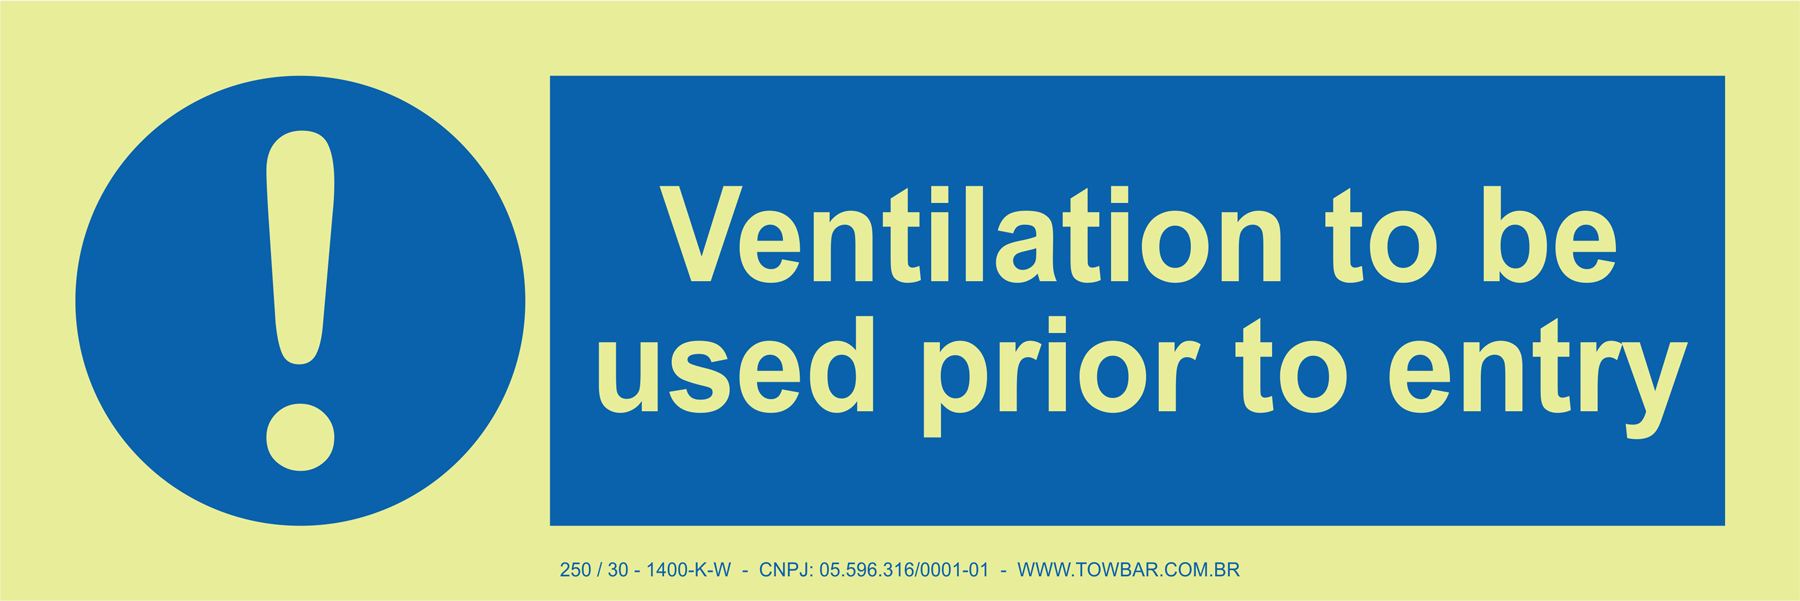 Ventilation to be used prior to entry   - Towbar Sinalização de Segurança